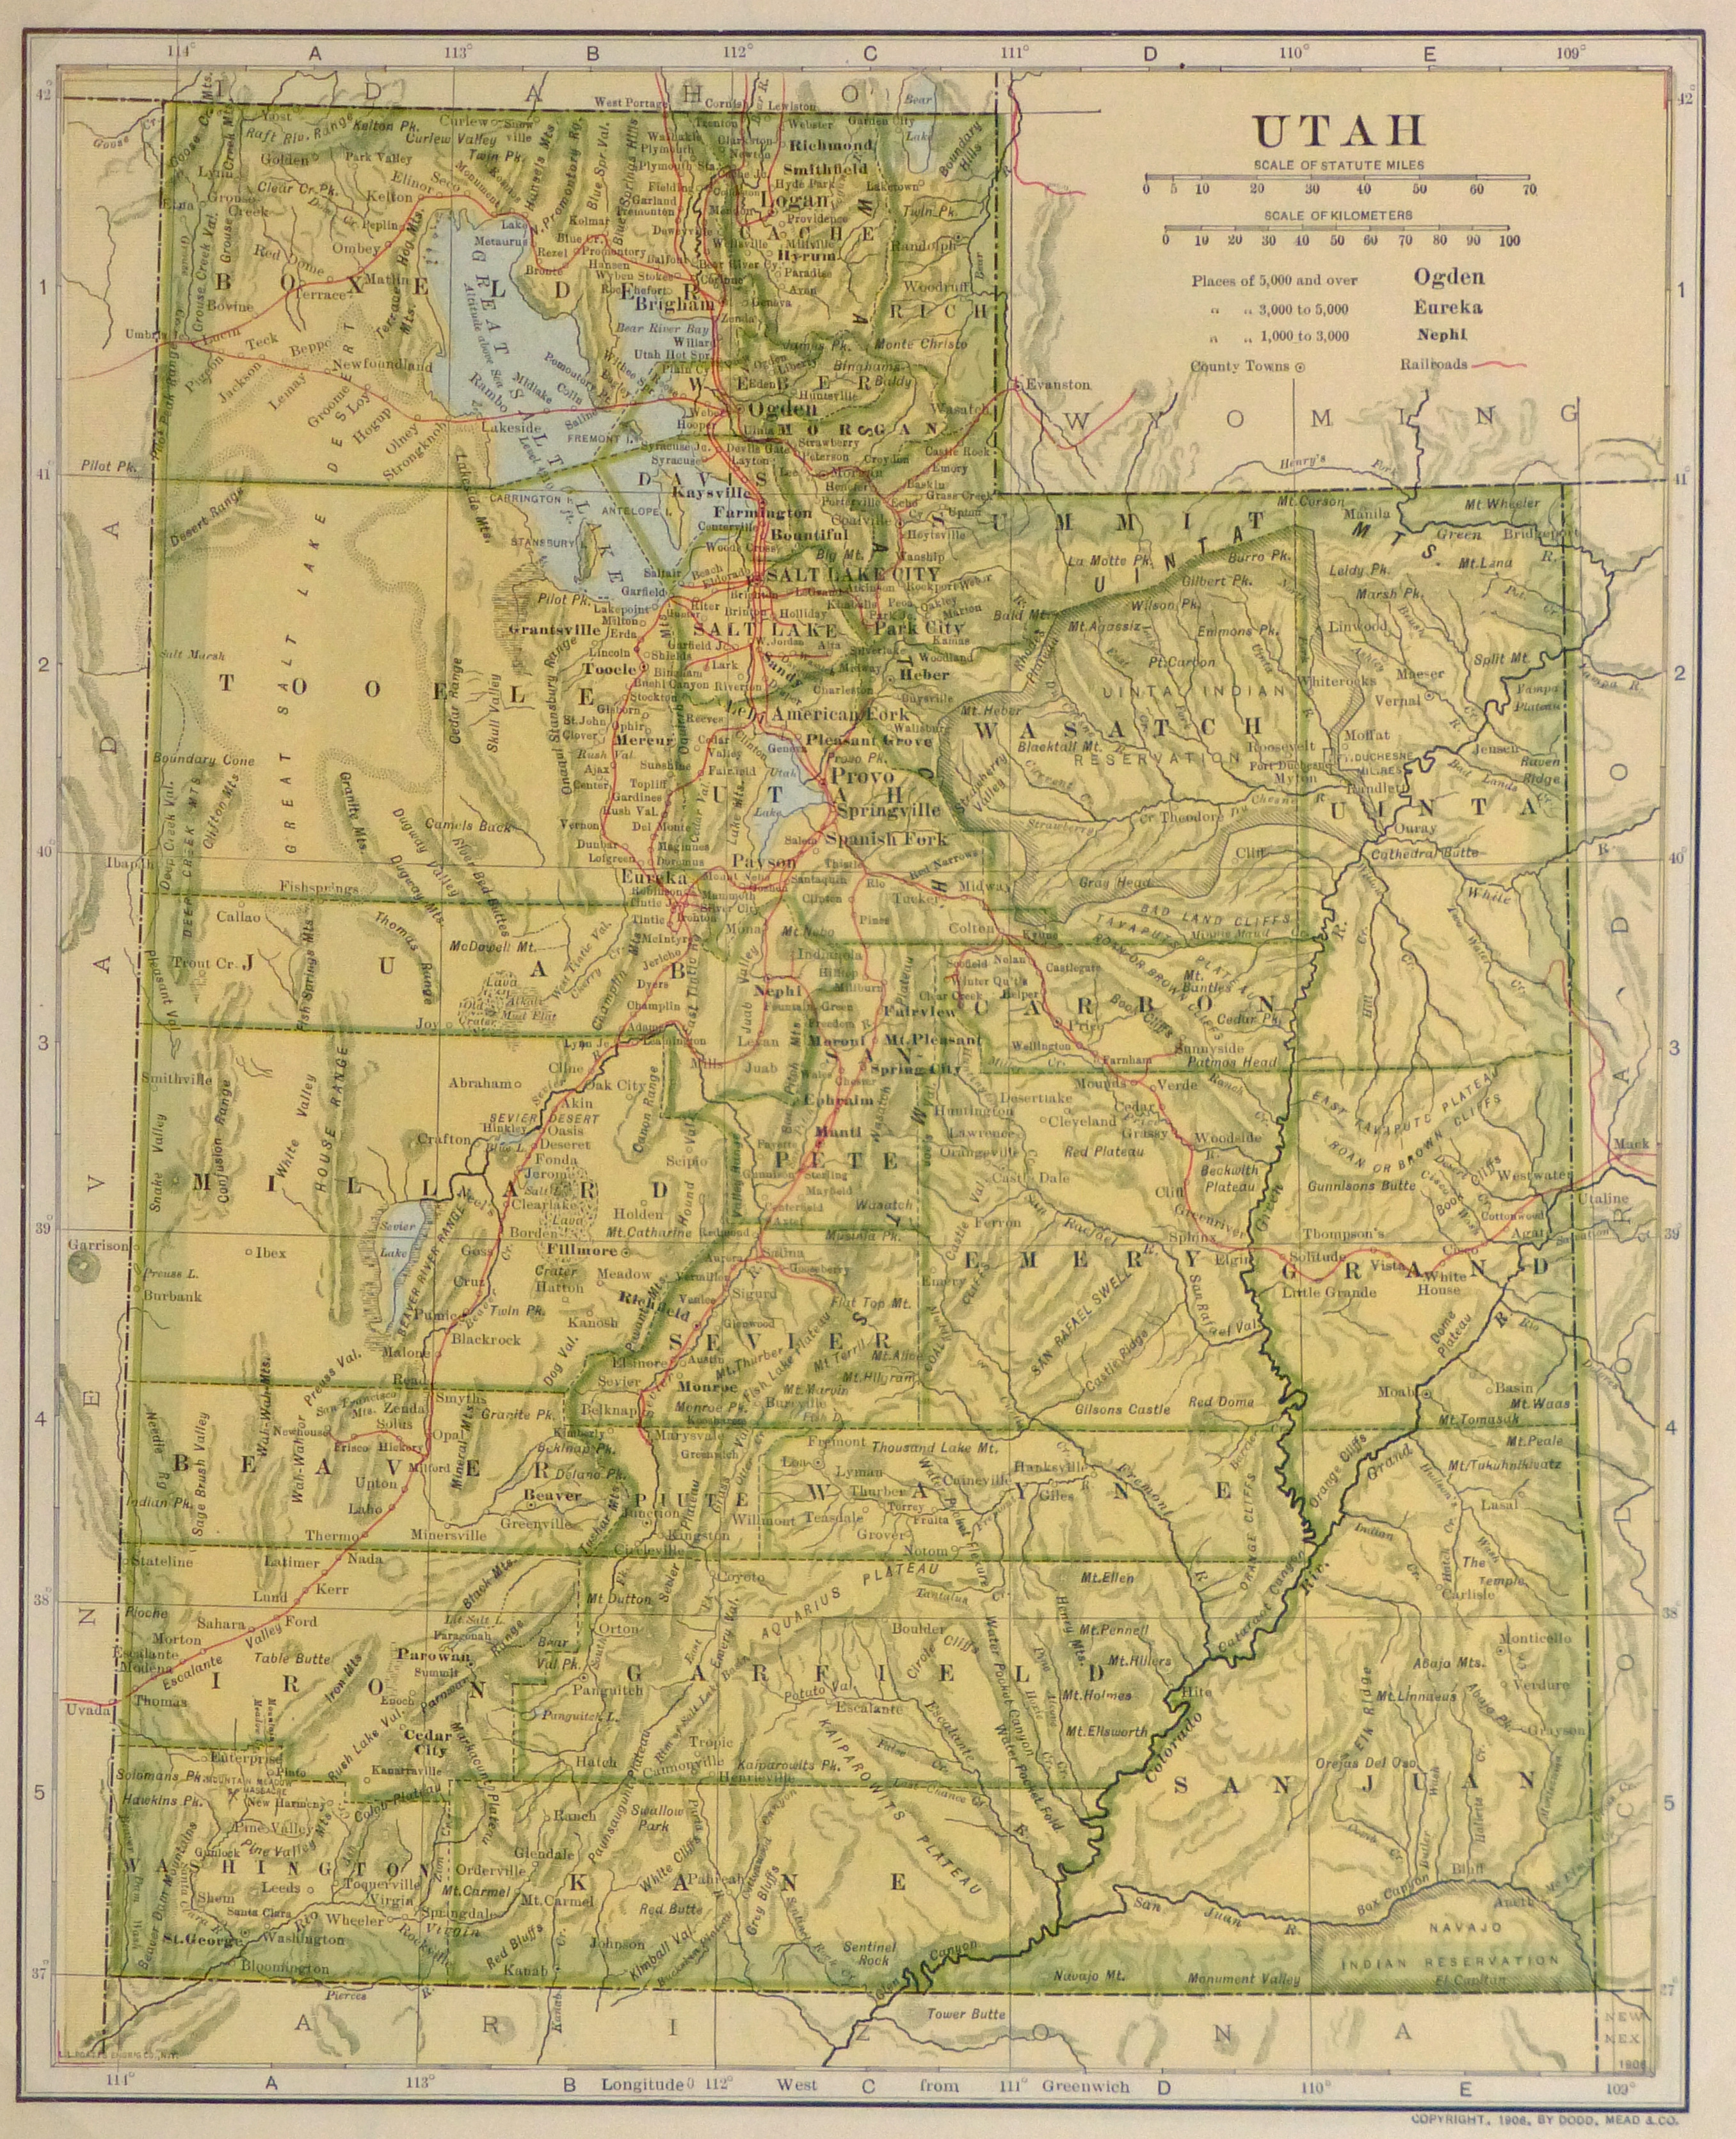 Utah Map,1906-main-9362K